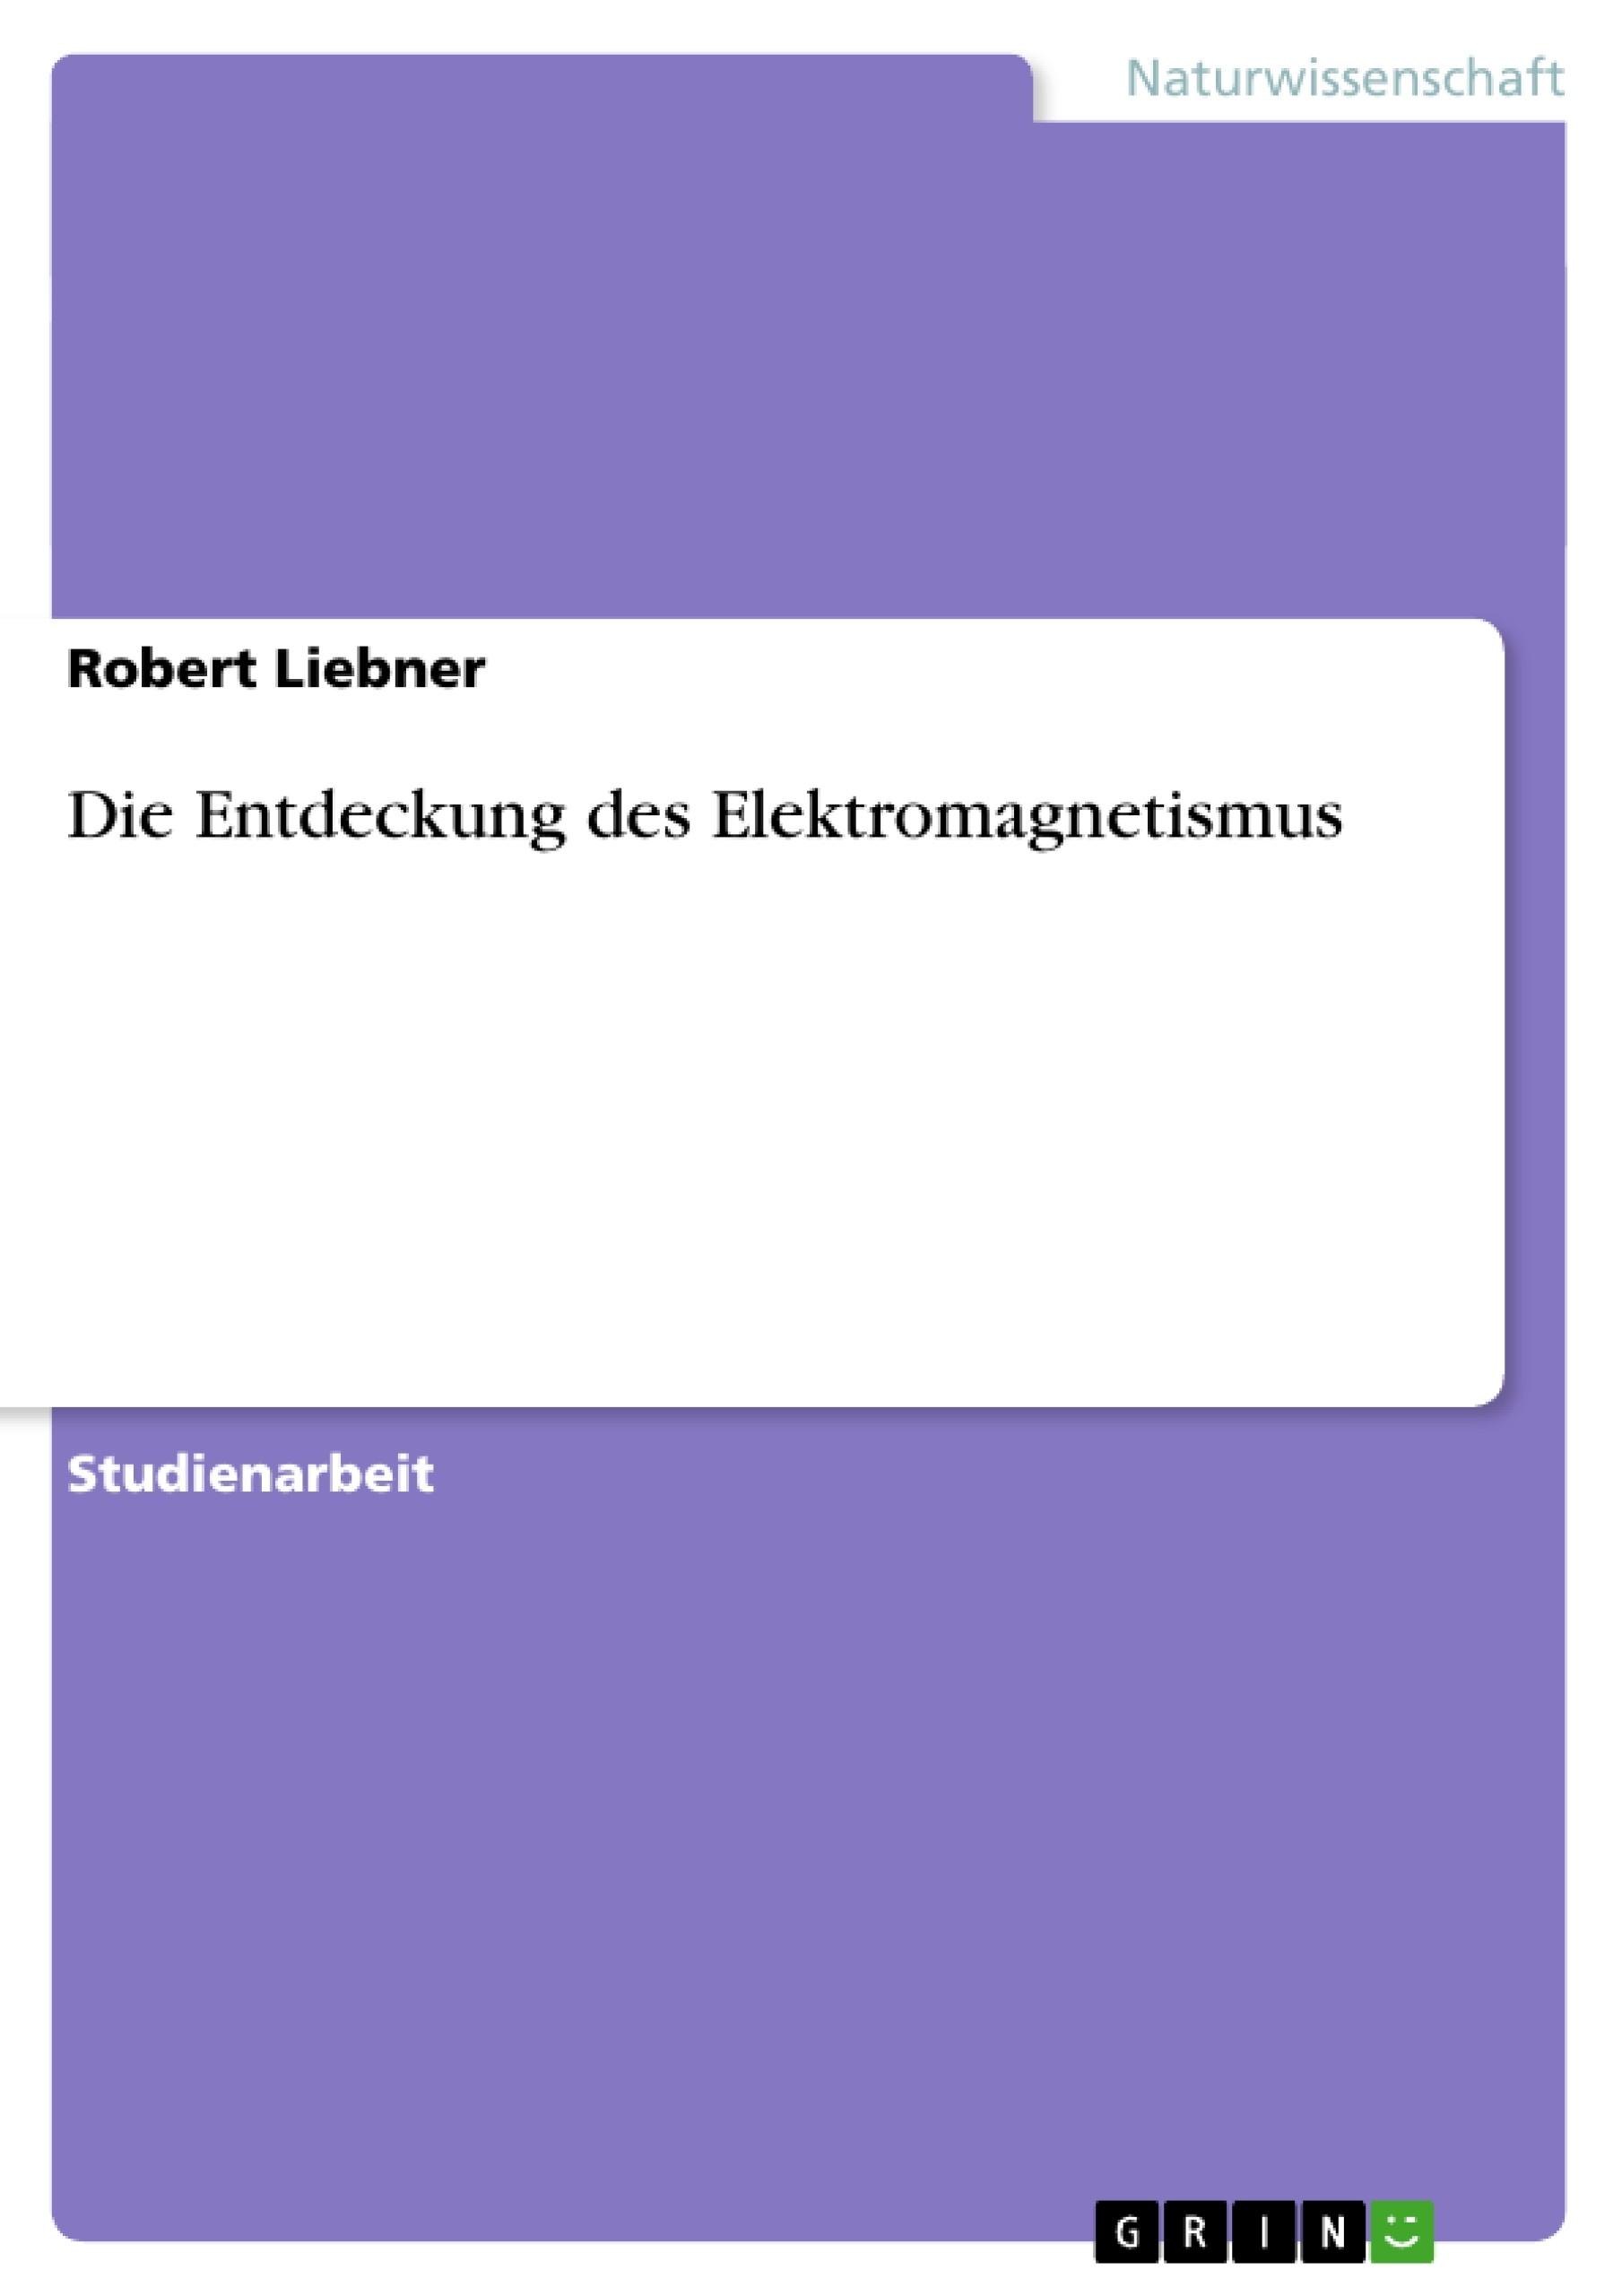 Die Entdeckung des Elektromagnetismus | Masterarbeit, Hausarbeit ...